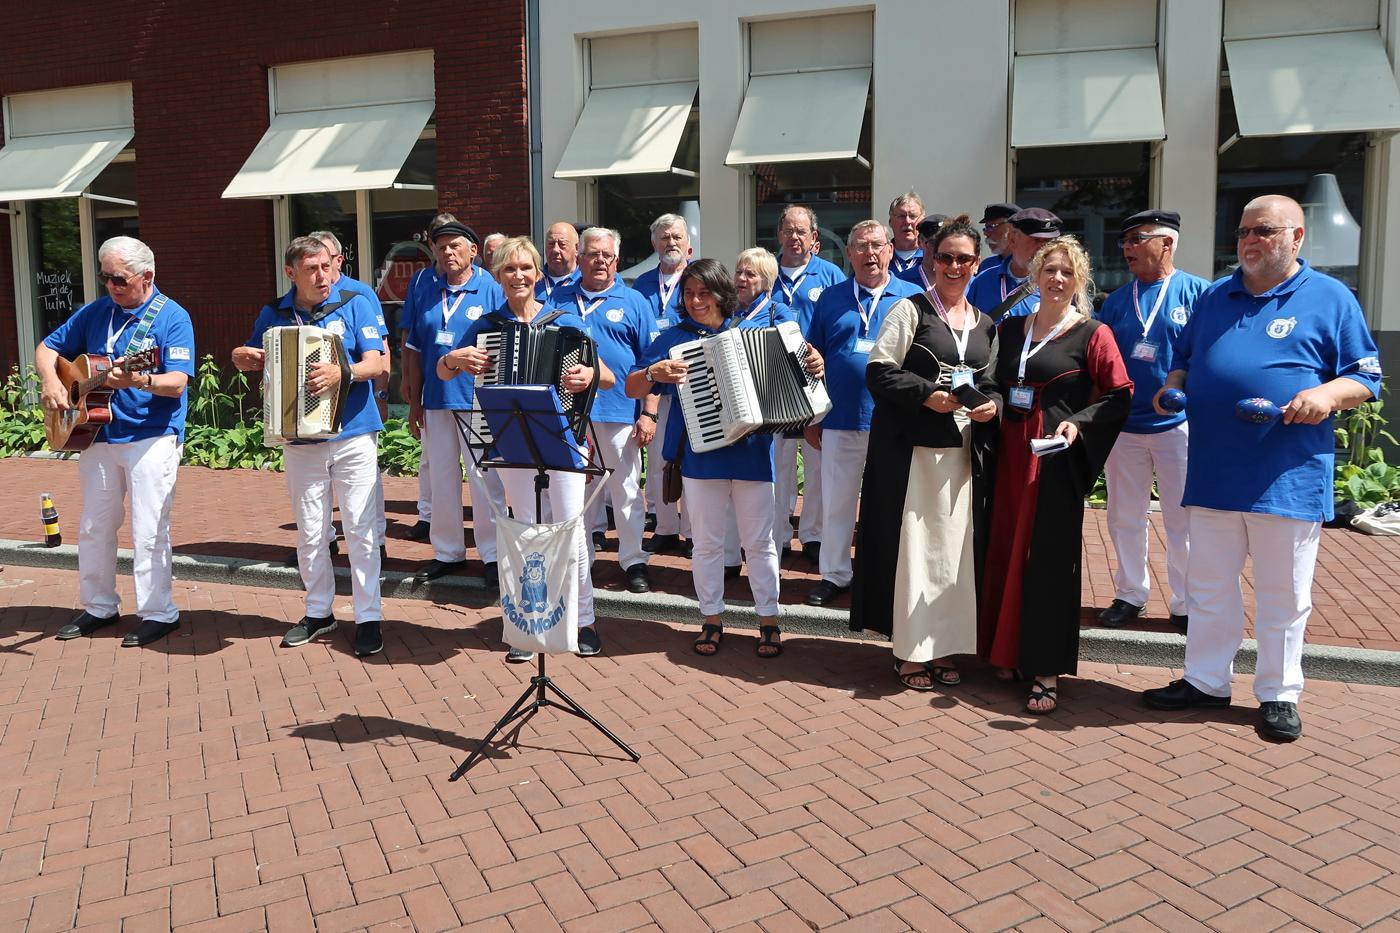 """gesungen haben wir auch am Hansestand """"Haltern am See """"und noch an viele andere Hanseständen und auf den Bühnen"""